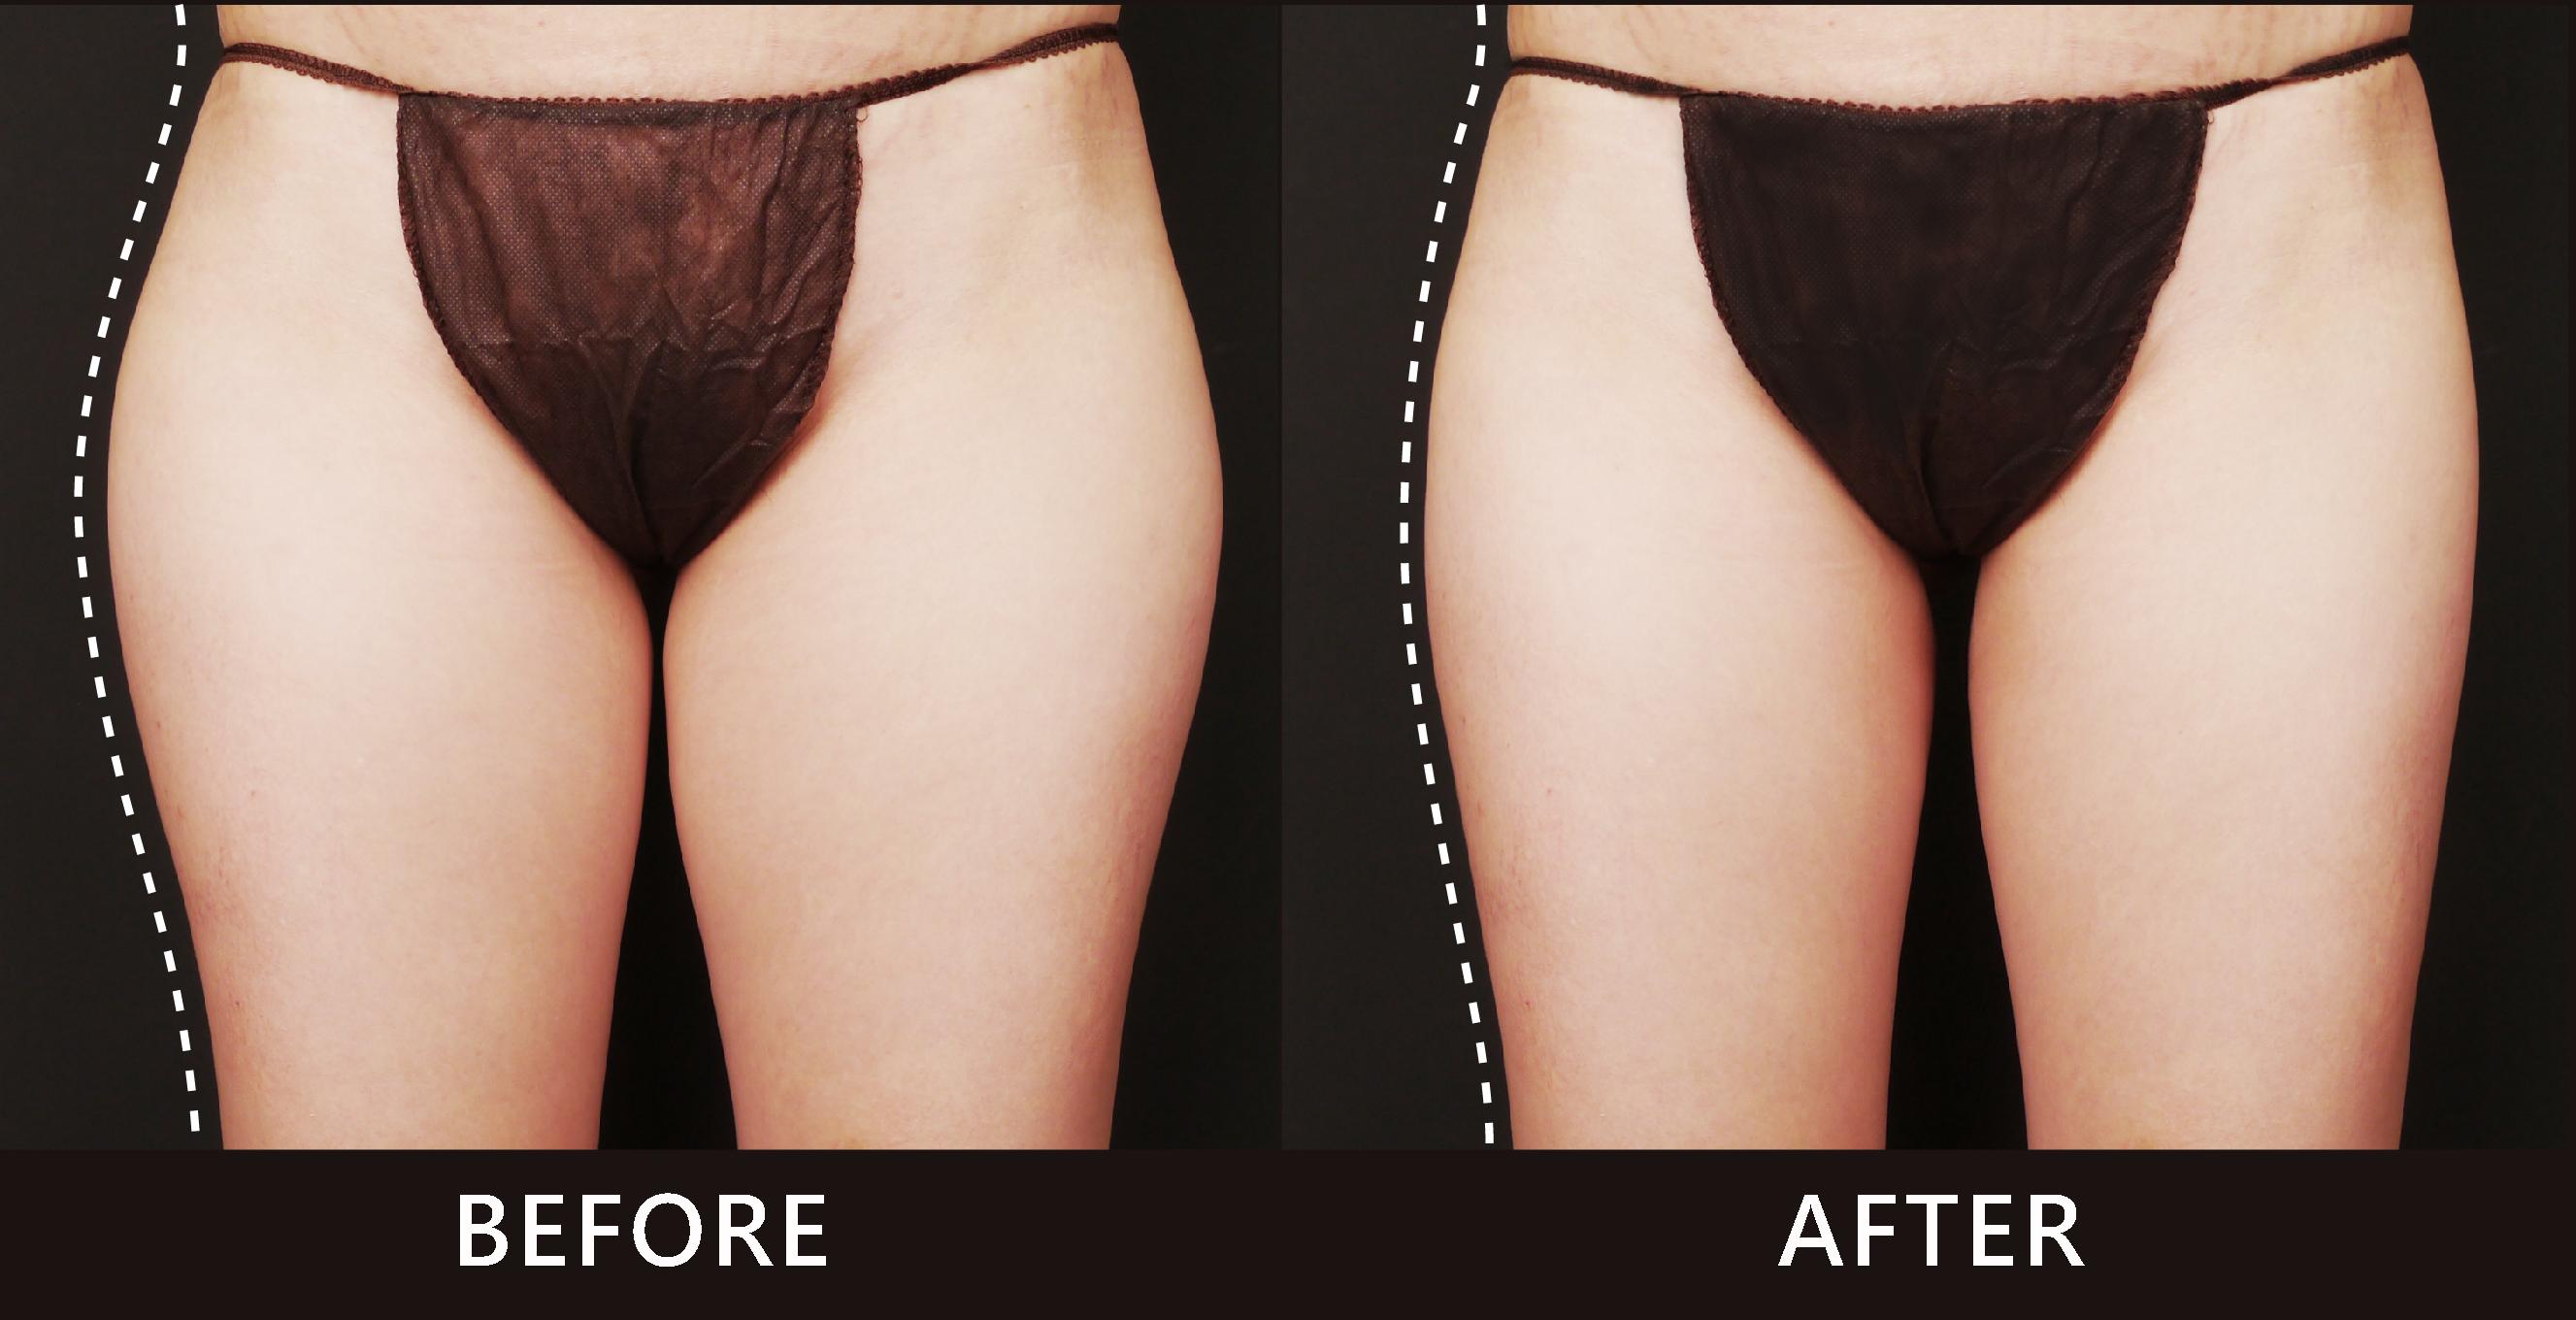 久坐的上班族大腿外側線條凸出。選擇酷塑冷凍減脂雕塑了大腿外側曲線,讓全身比例變得更好。(效果因個案而異)